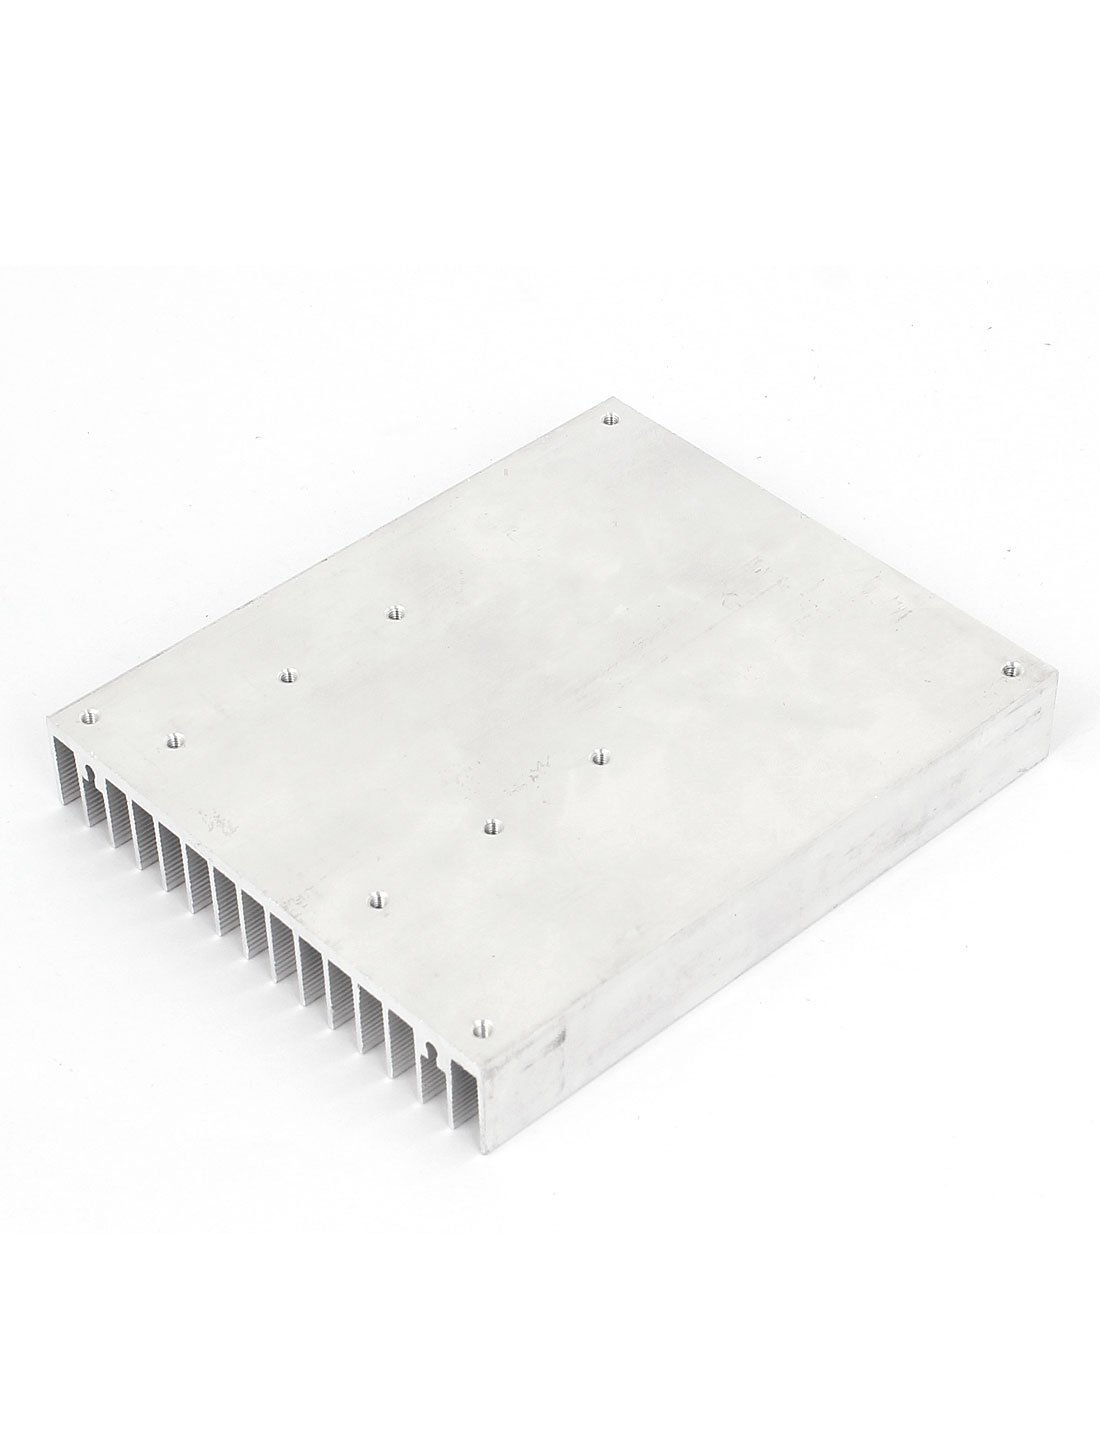 eDealMax Dissipateur thermique en Aluminium ailettes de refroidissement 12 x 10 x 1,8 mm Pour les MOSFET IC